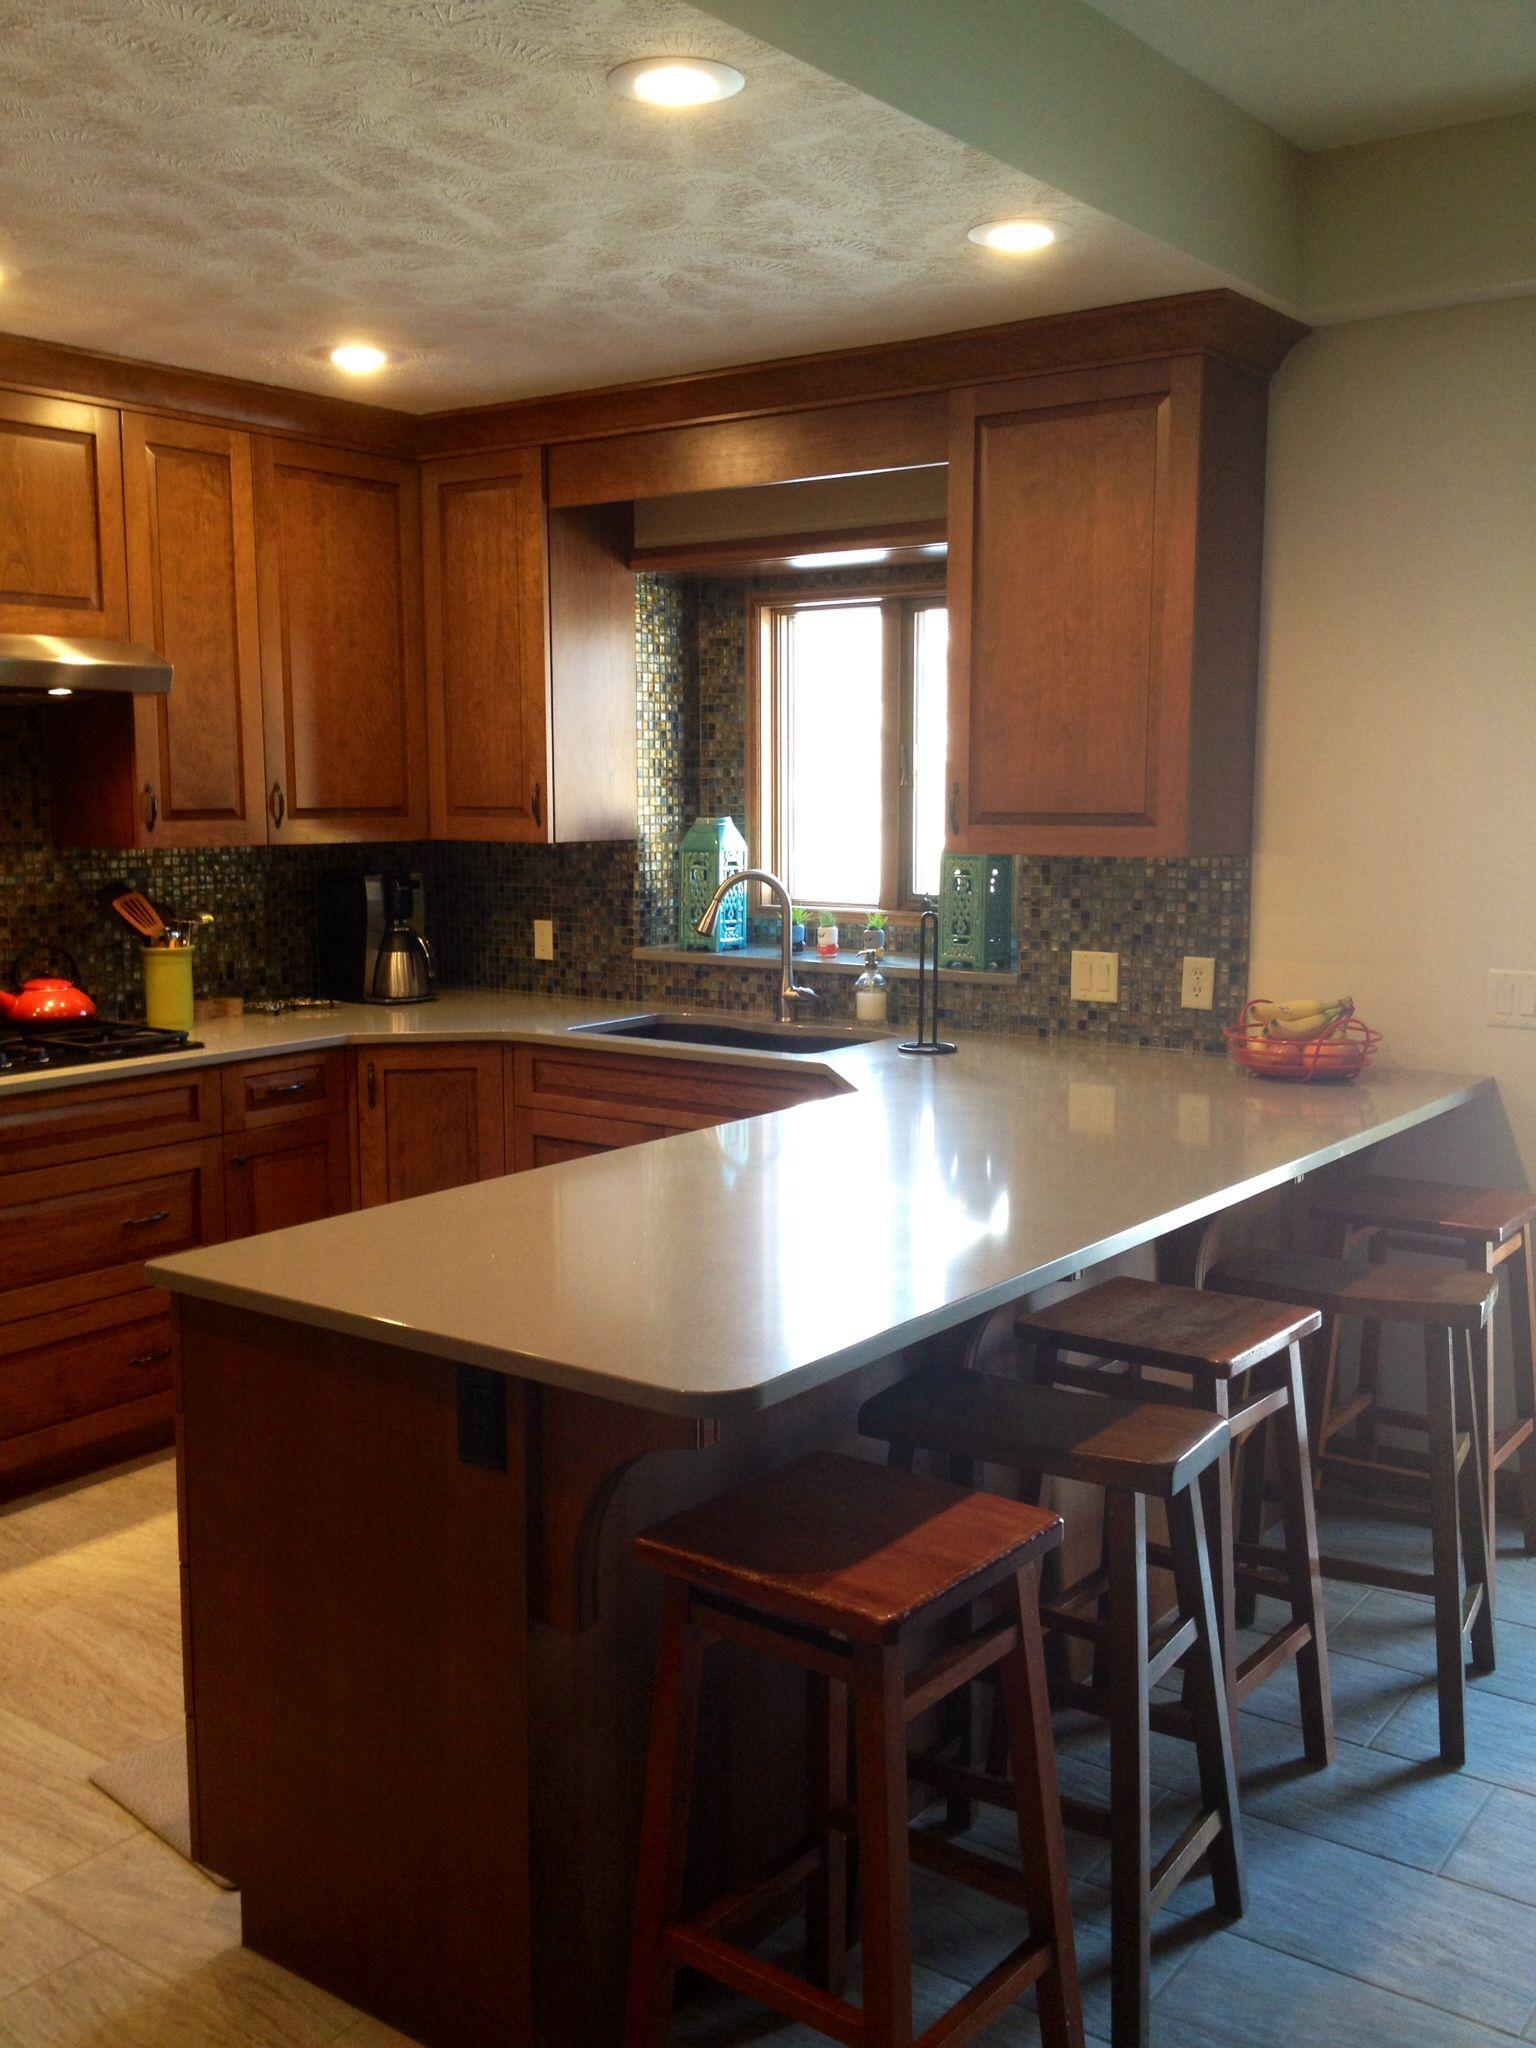 quartz countertops kitchen remodel farmhouse kitchen cabinets kitchen design on farmhouse kitchen decor countertop id=50837